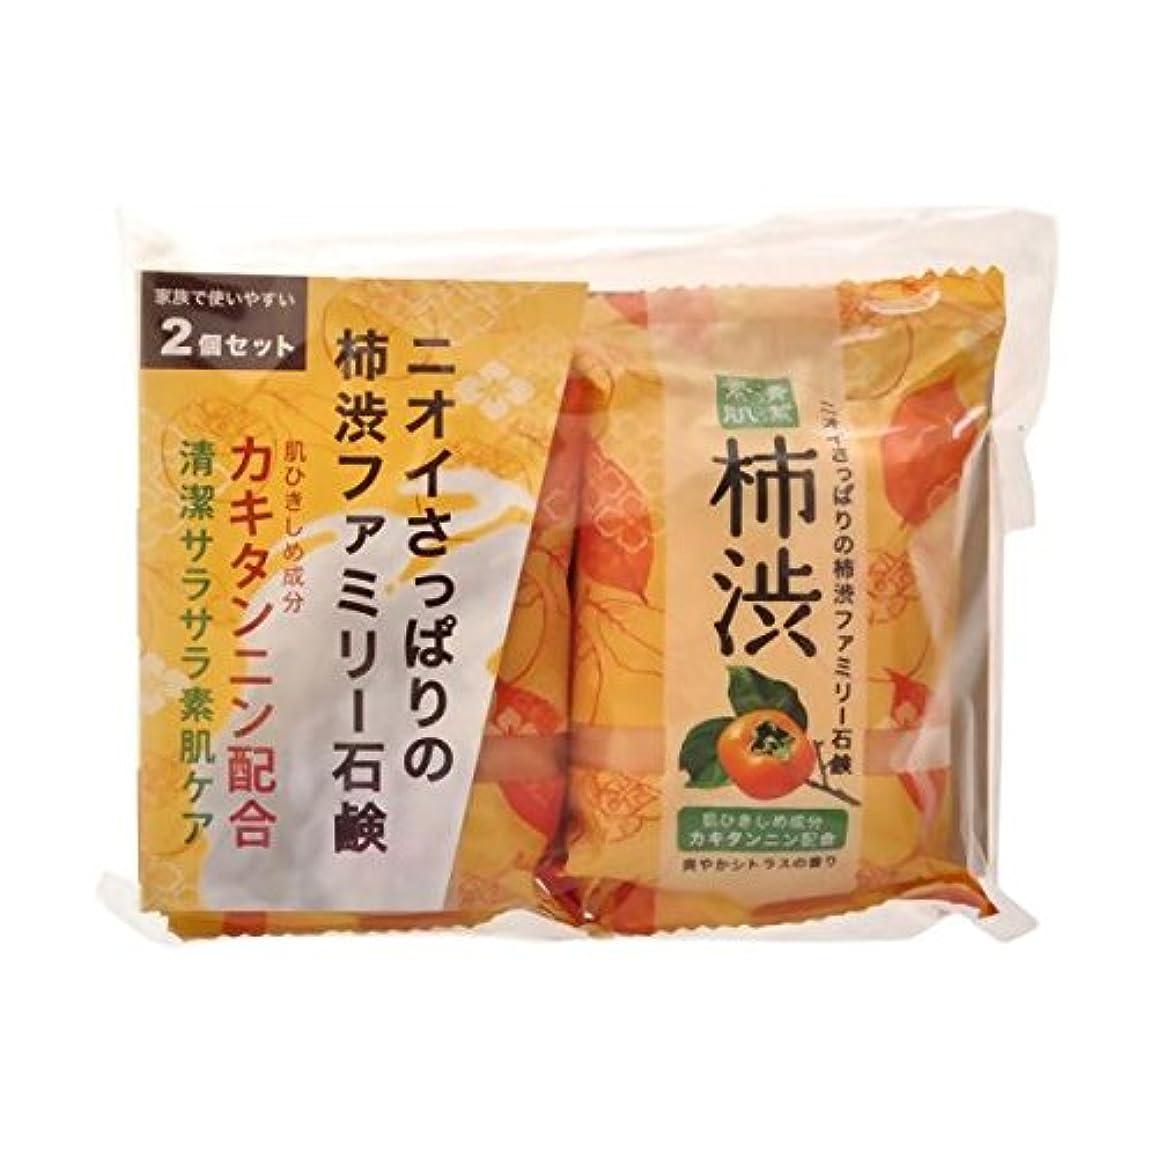 命令謎めいた革新【お徳用 6 セット】 ペリカン 柿渋ファミリー石鹸 80g×2個×6セット